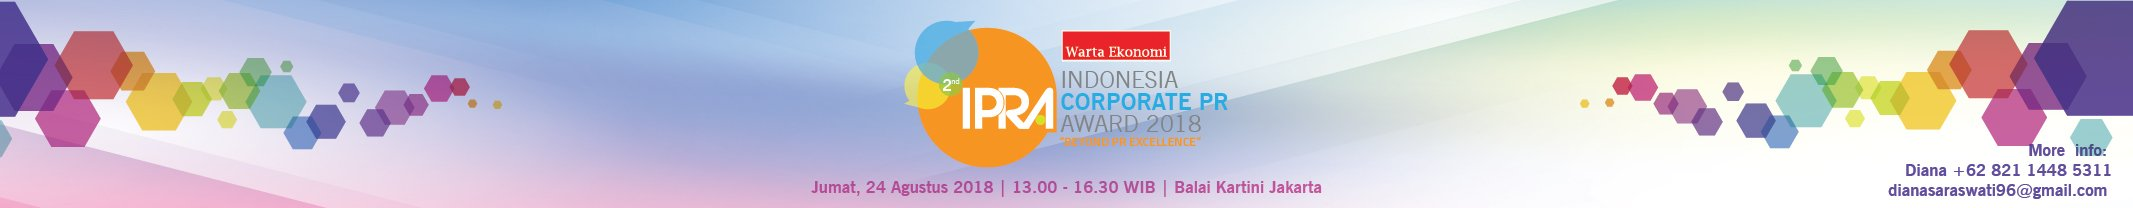 IPRA 2018